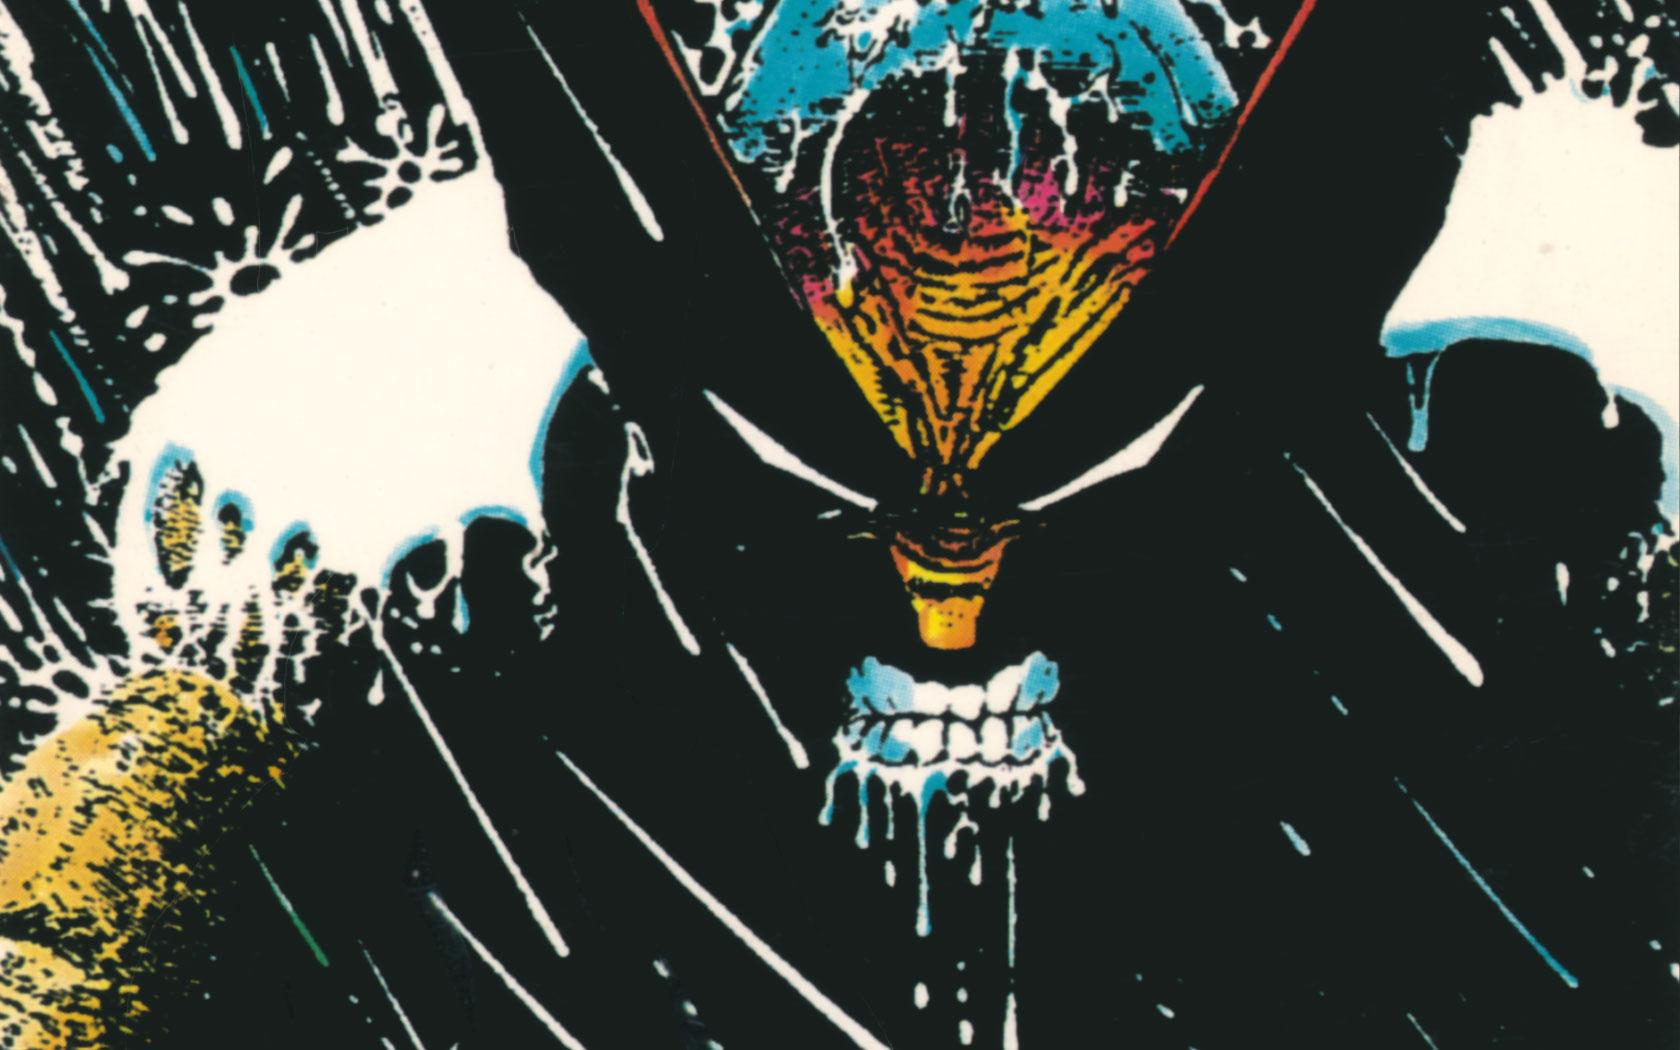 Imagenes De Xmen: X-Men Wallpaper And Background Image